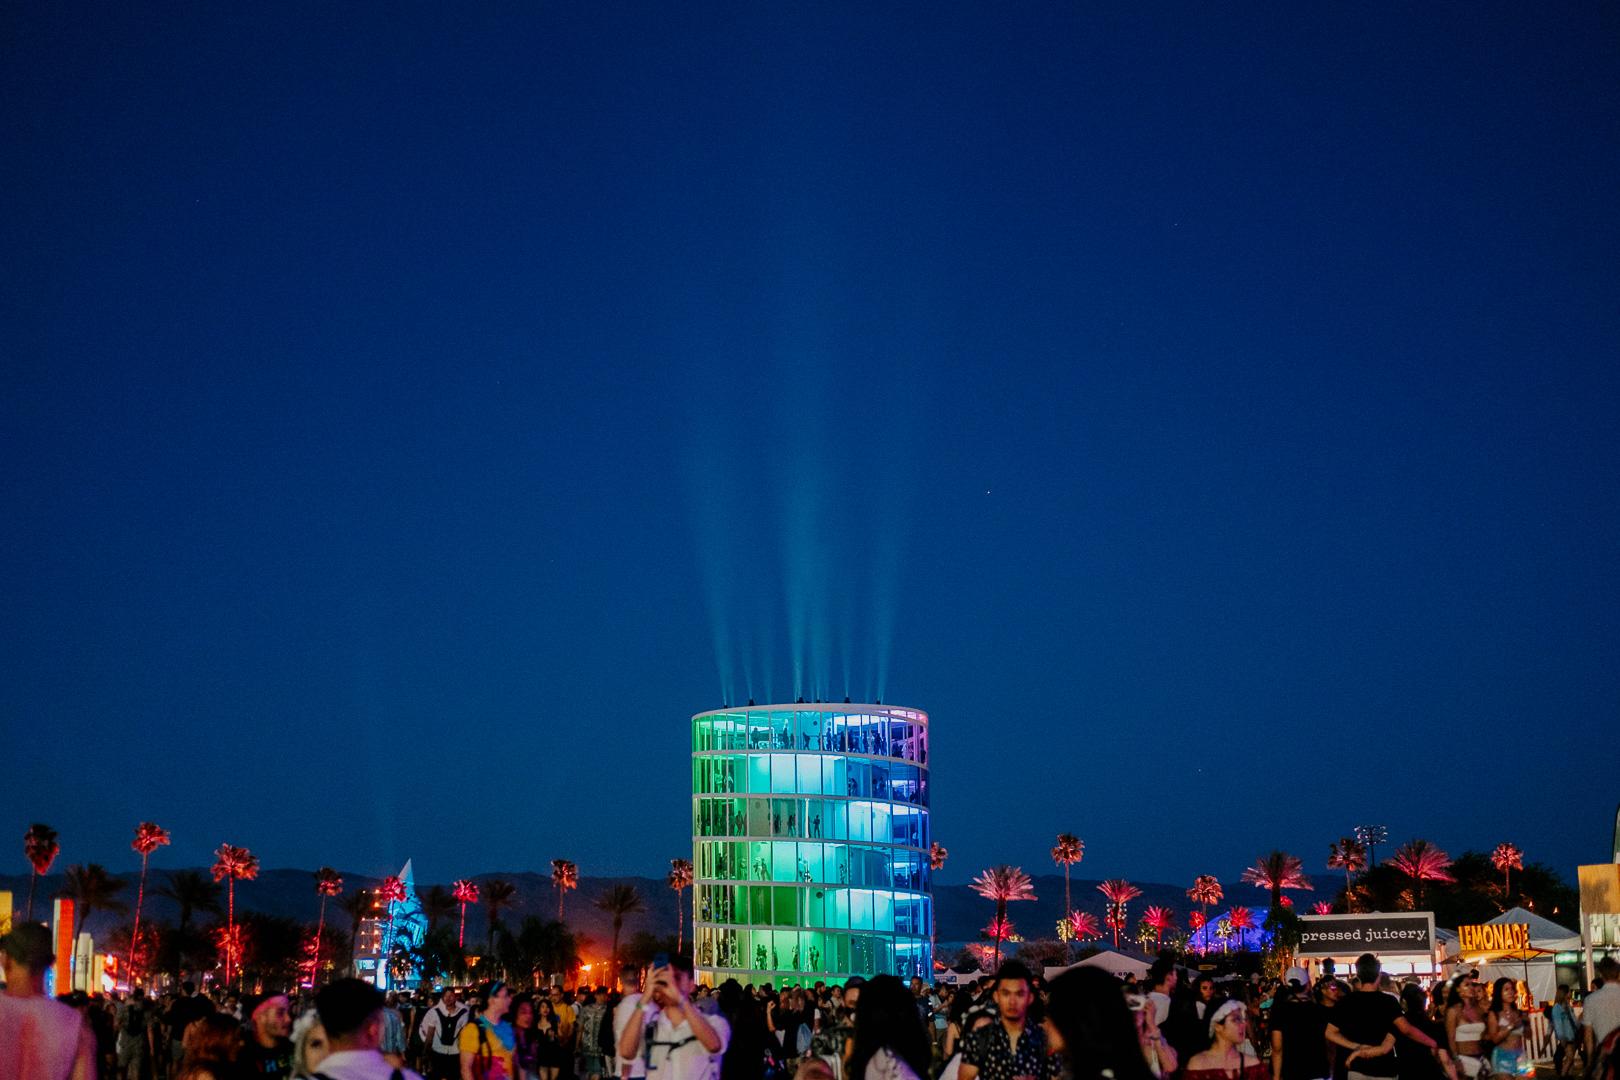 Coachella-9510.jpg